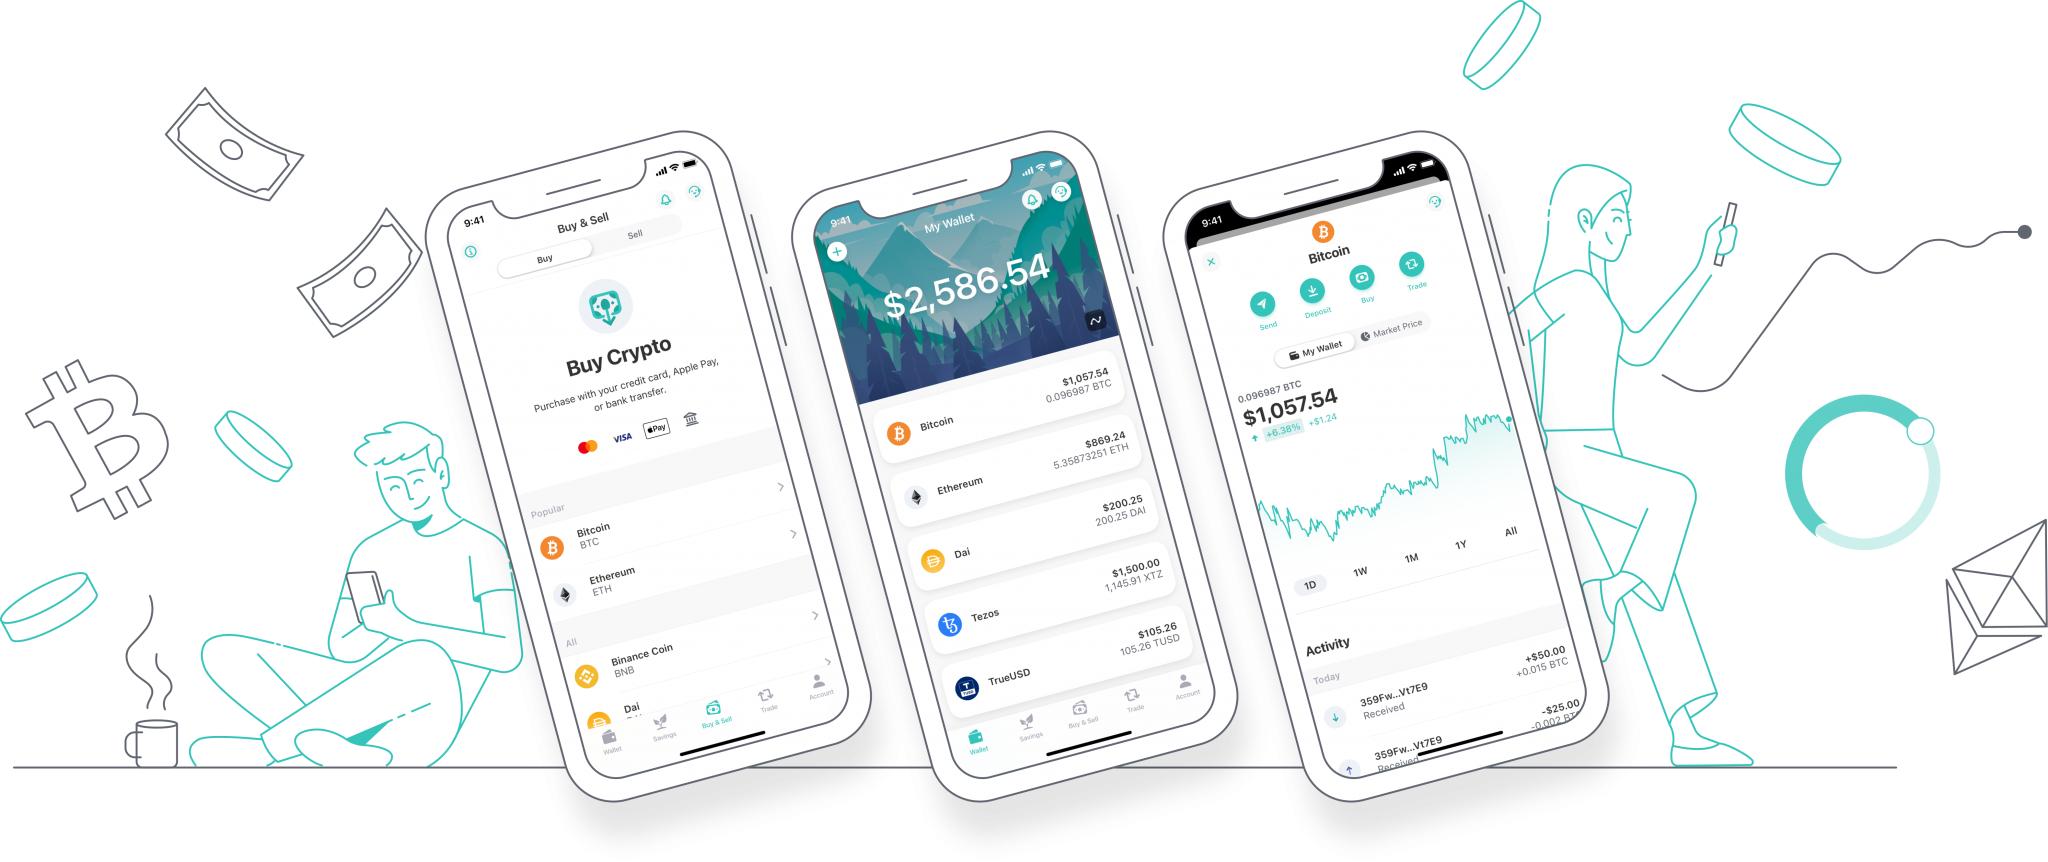 [ZenGo] Bitcoin im Wert von 10$ geschenkt bei Kauf von Bitcoins für 200$